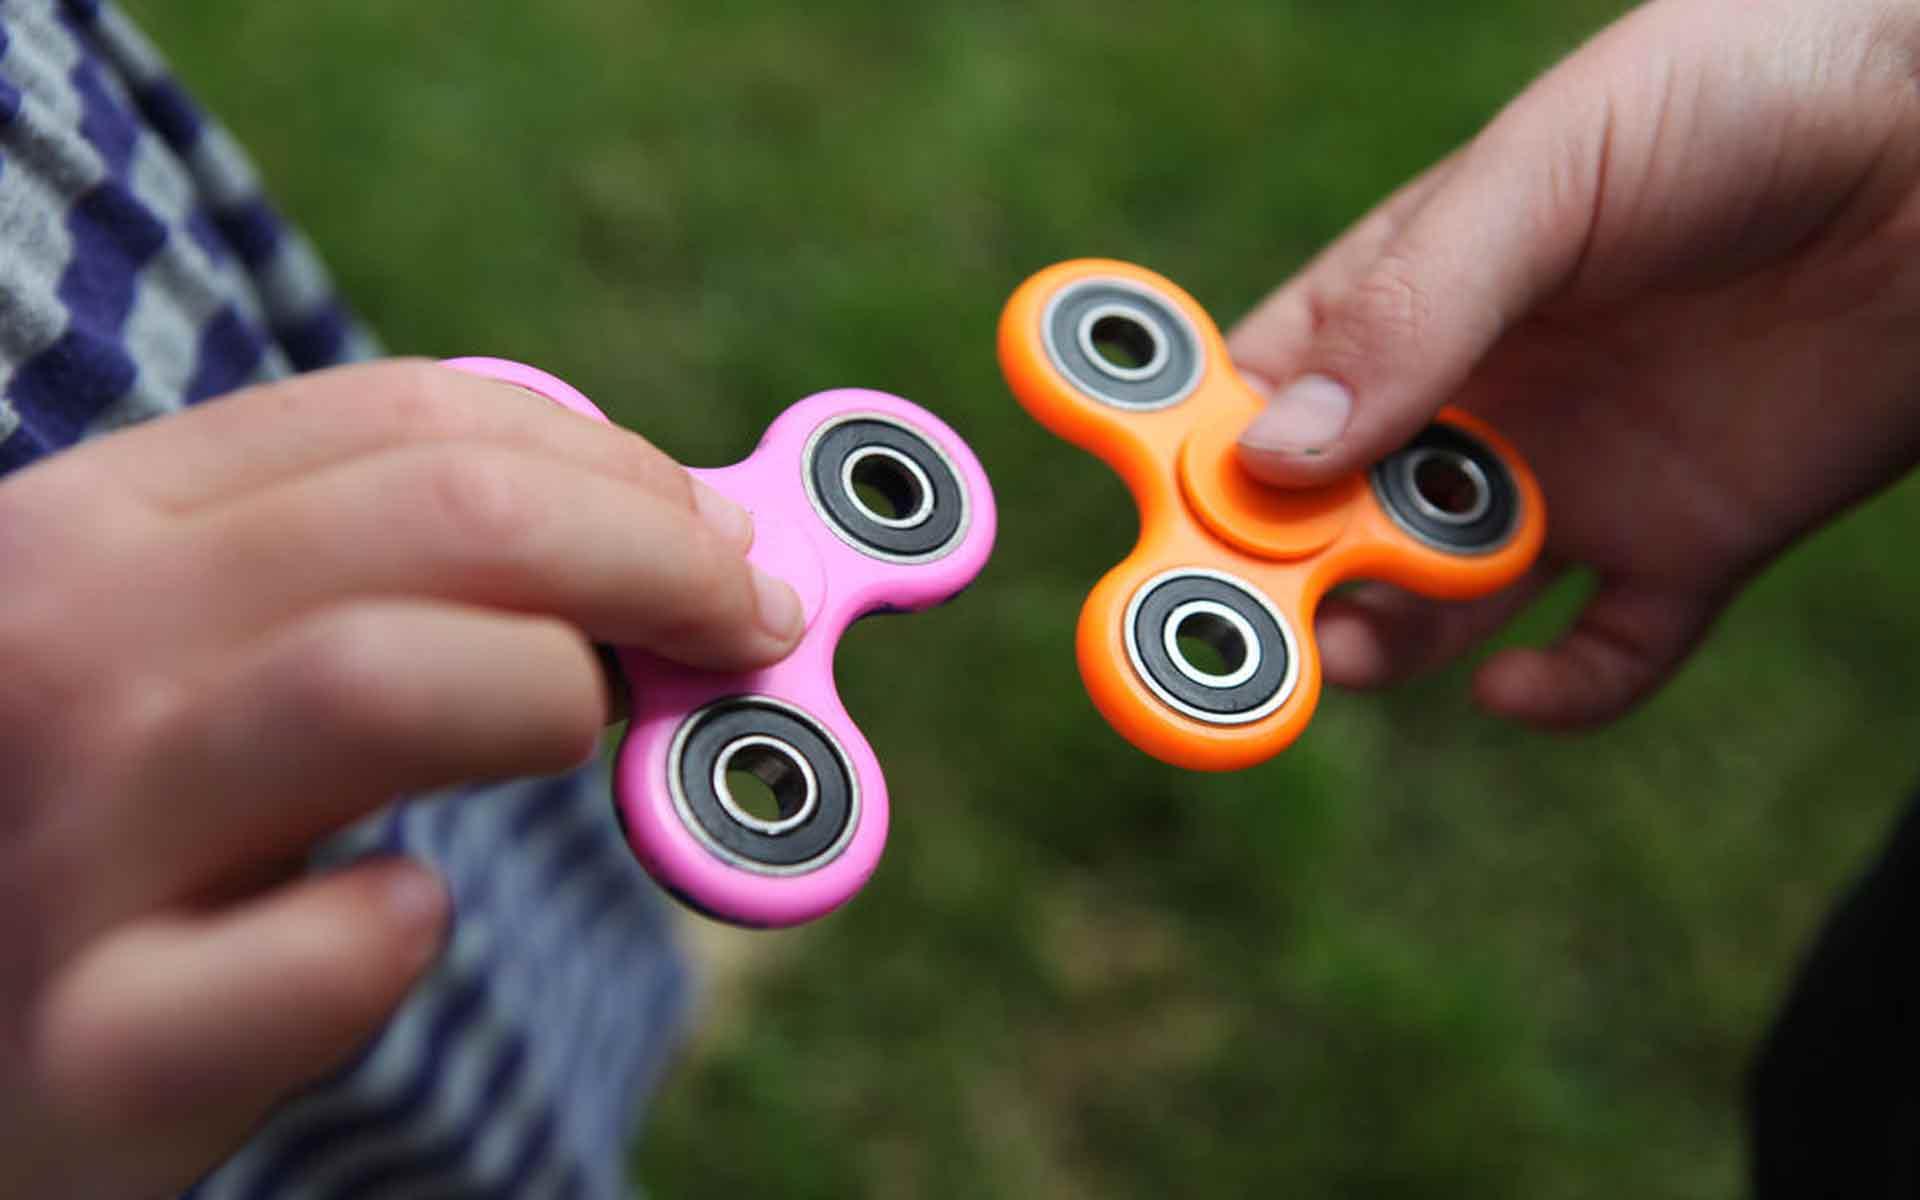 Handspinner